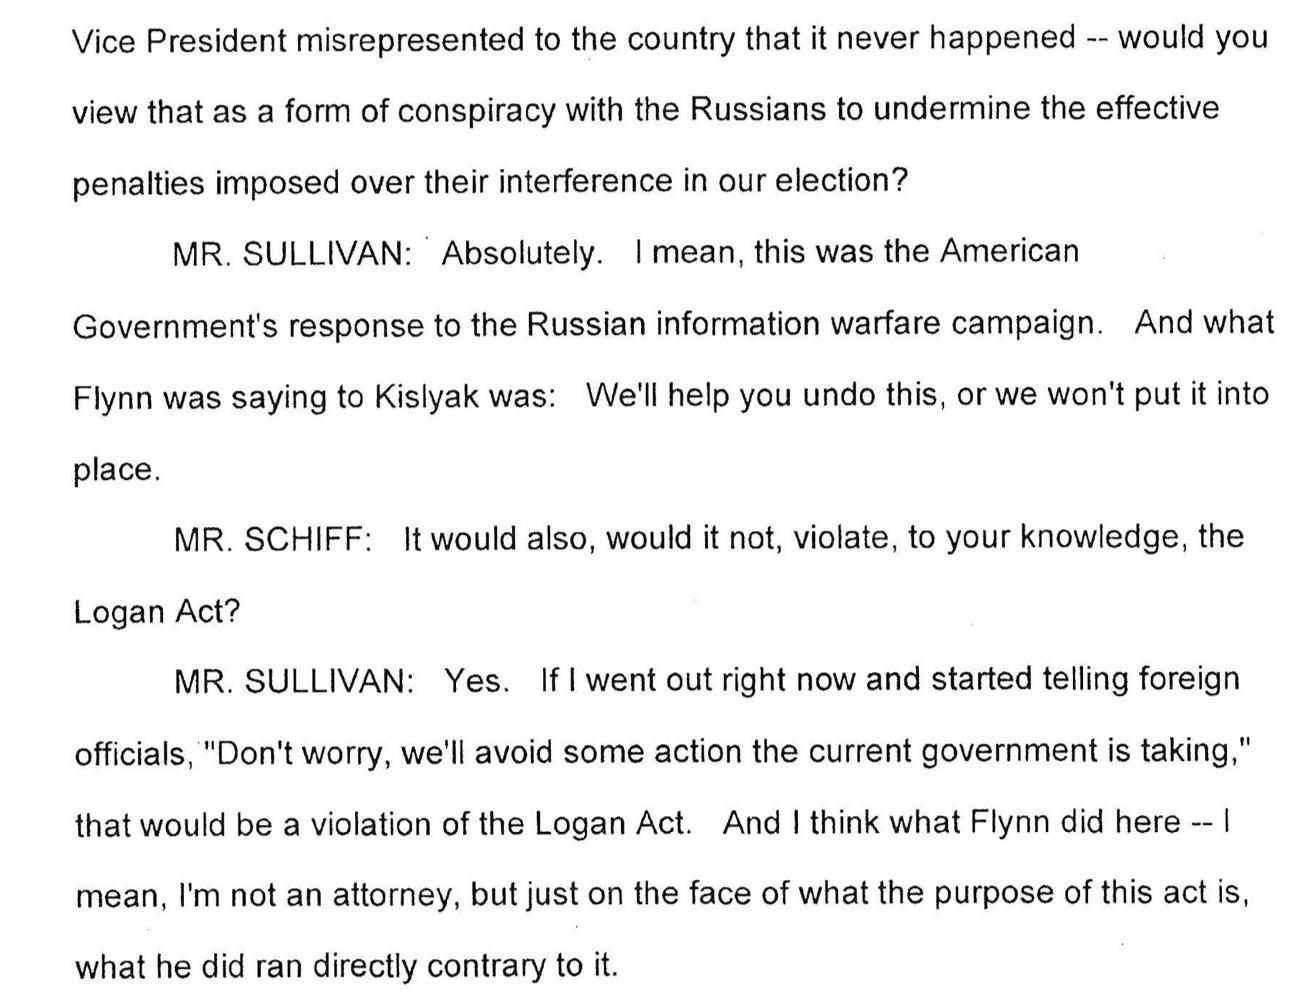 Jake Sullivan accuses Flynn (Transcript)